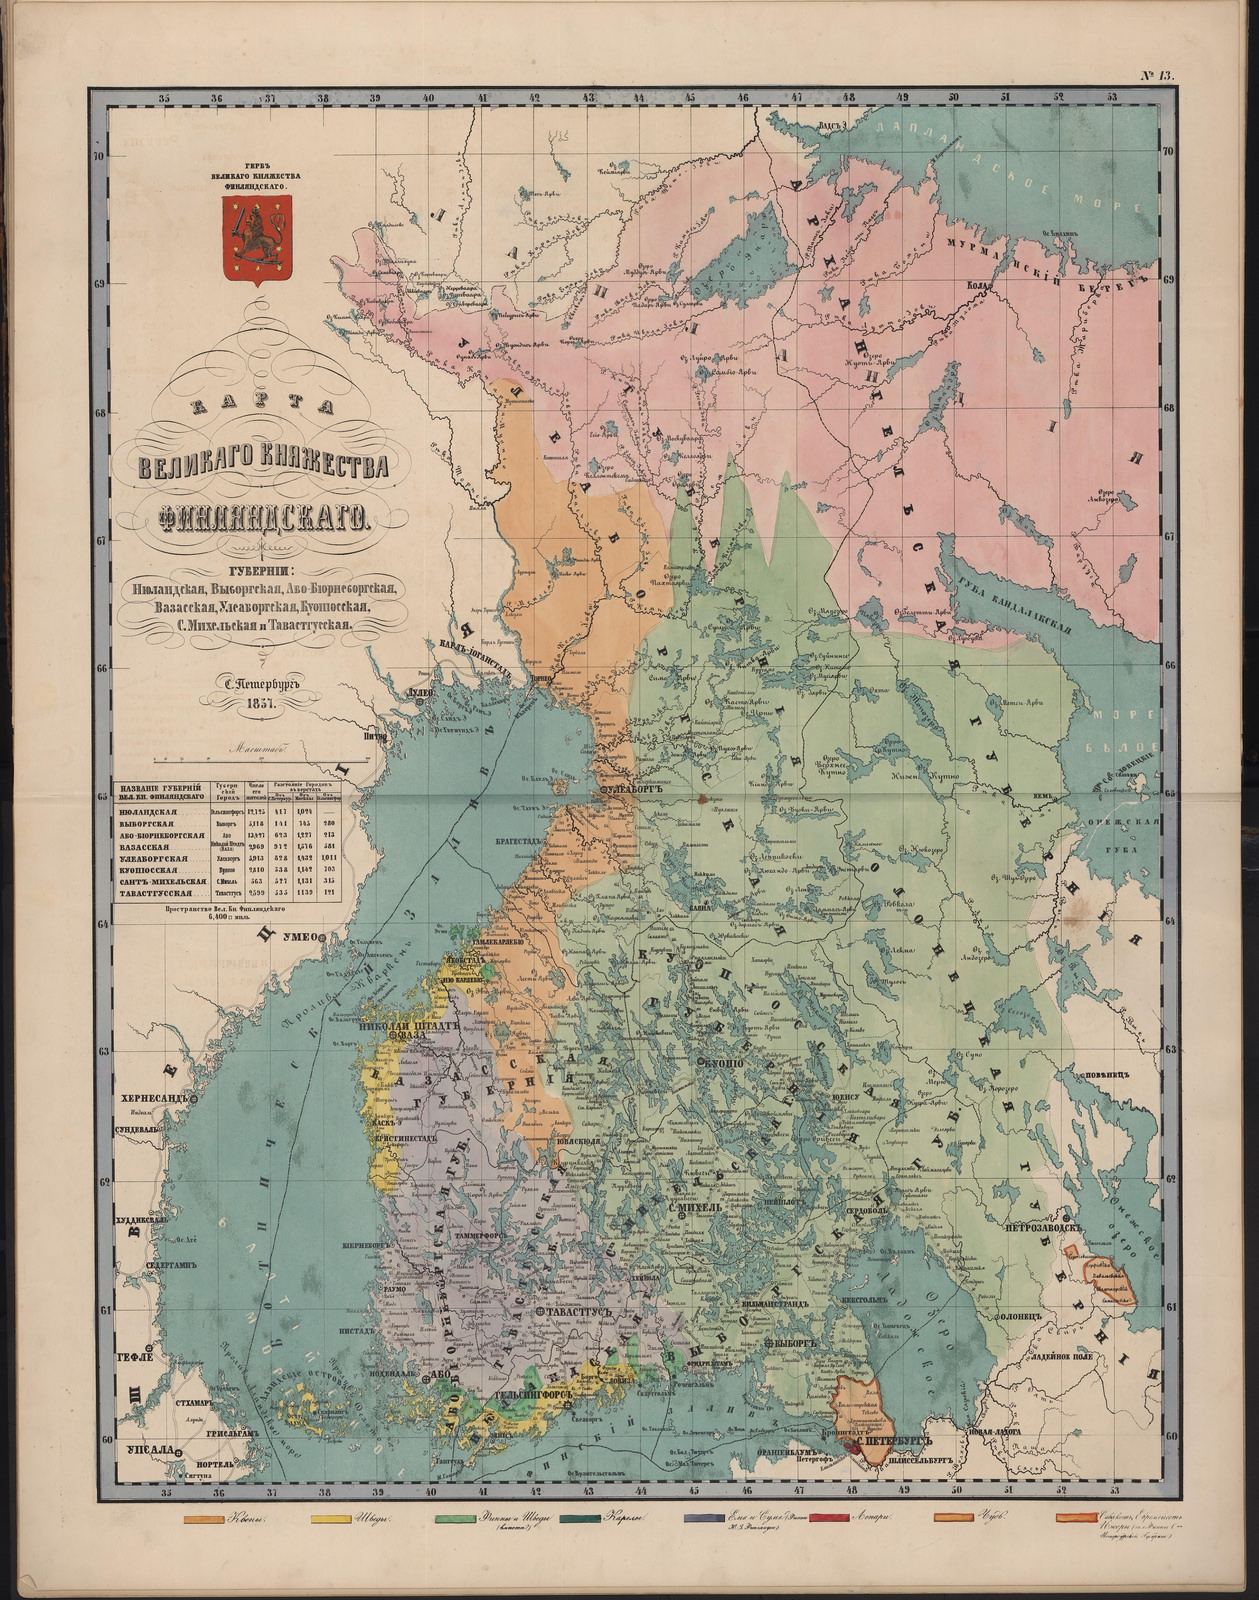 13-а. Карта Великого Княжества Финляндского (этногр)